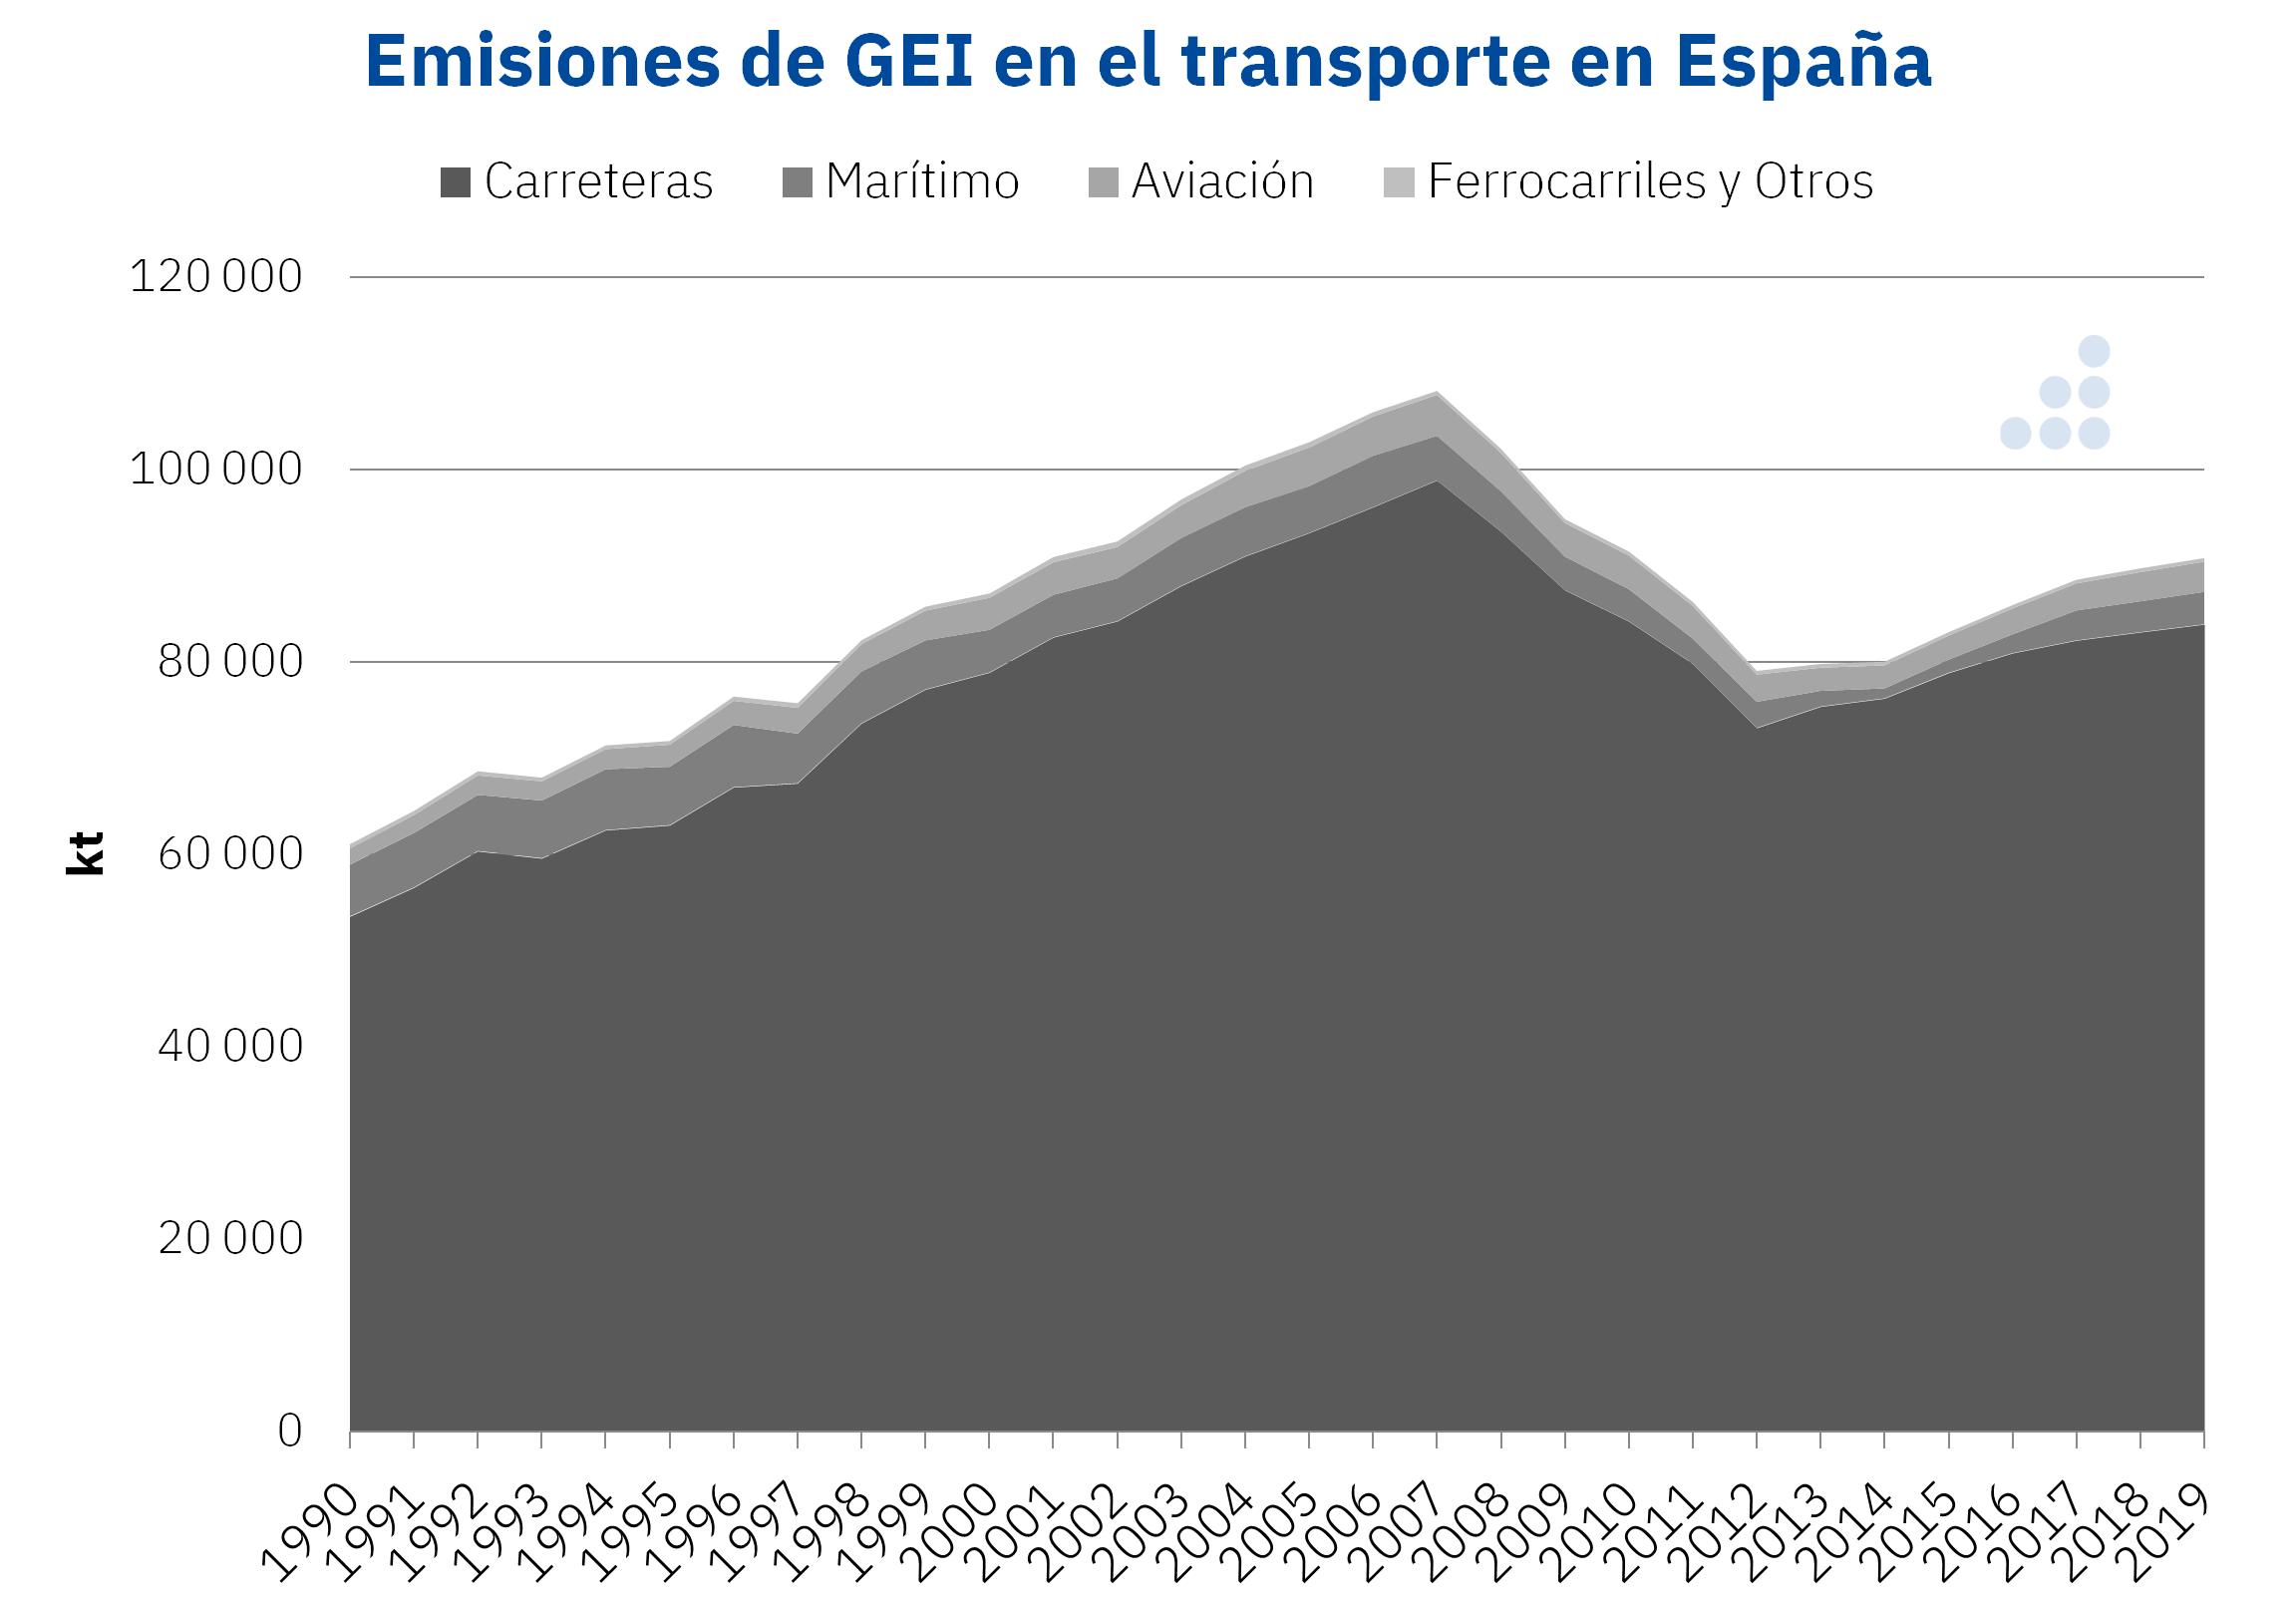 Emisiones de gases de efecto invernadero del transporte en España